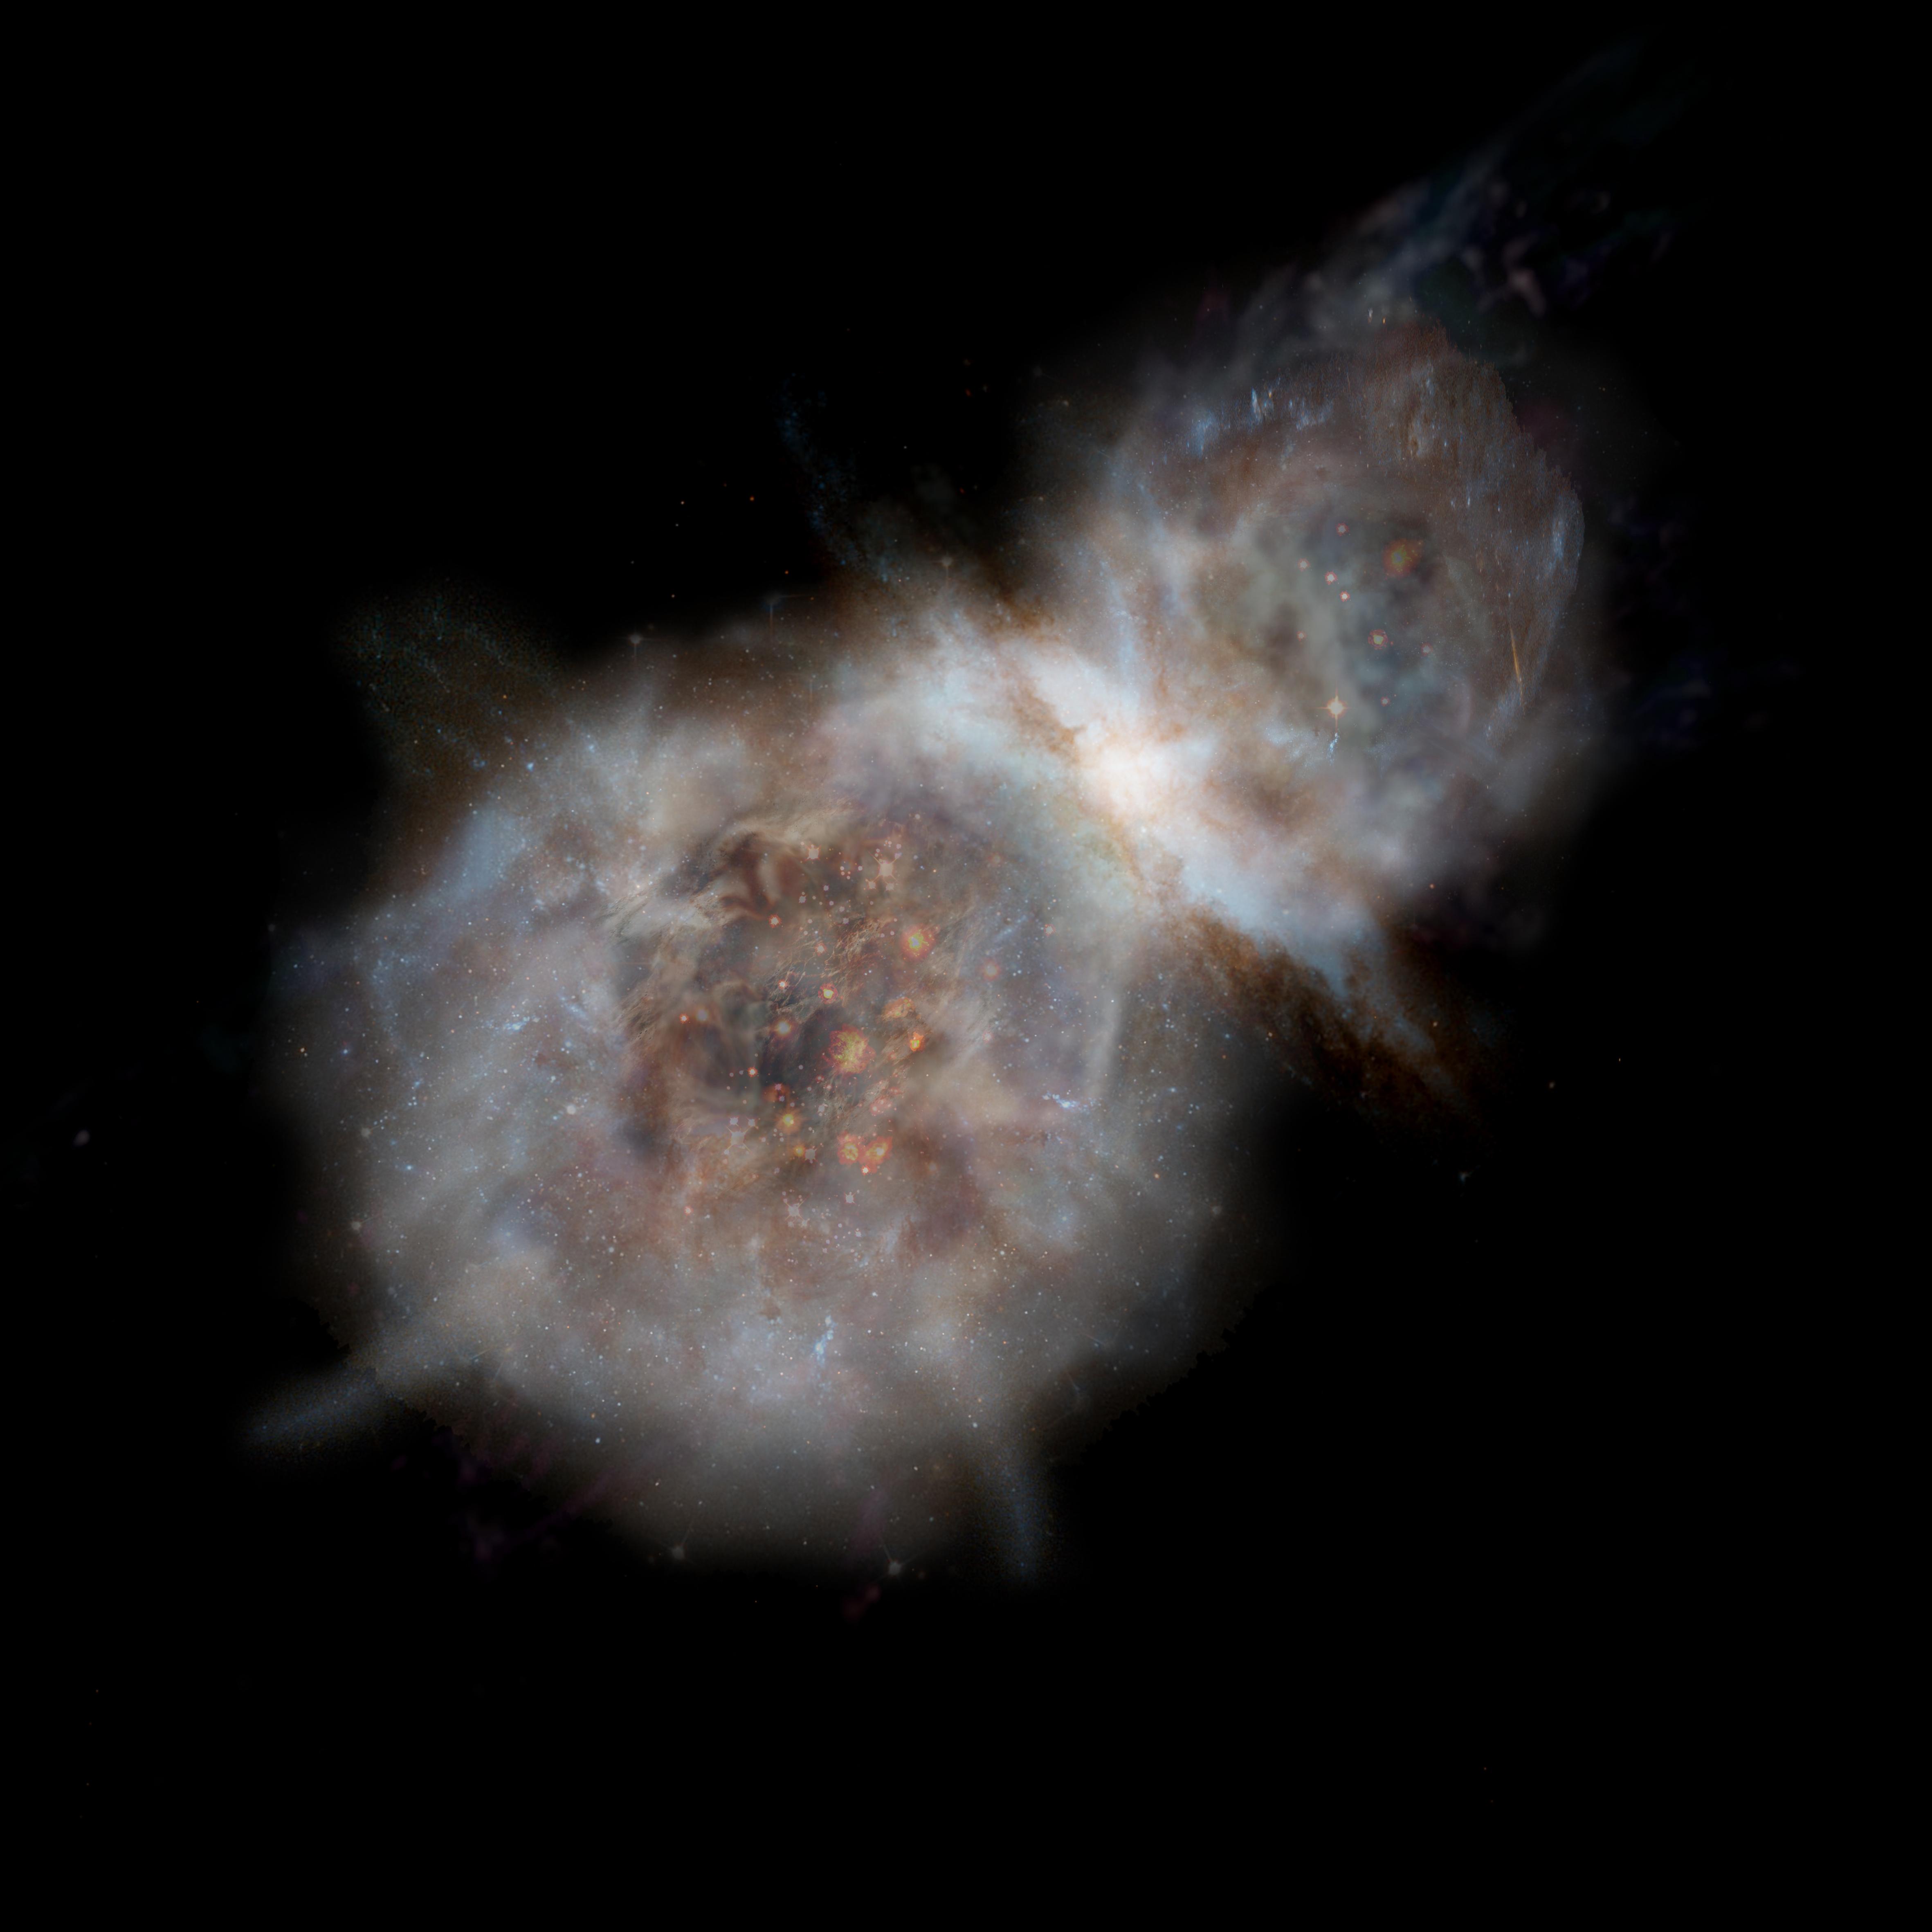 124億光年彼方の銀河の「成分調査」~アルマ望遠鏡で迫る進化途上の銀河の正体~